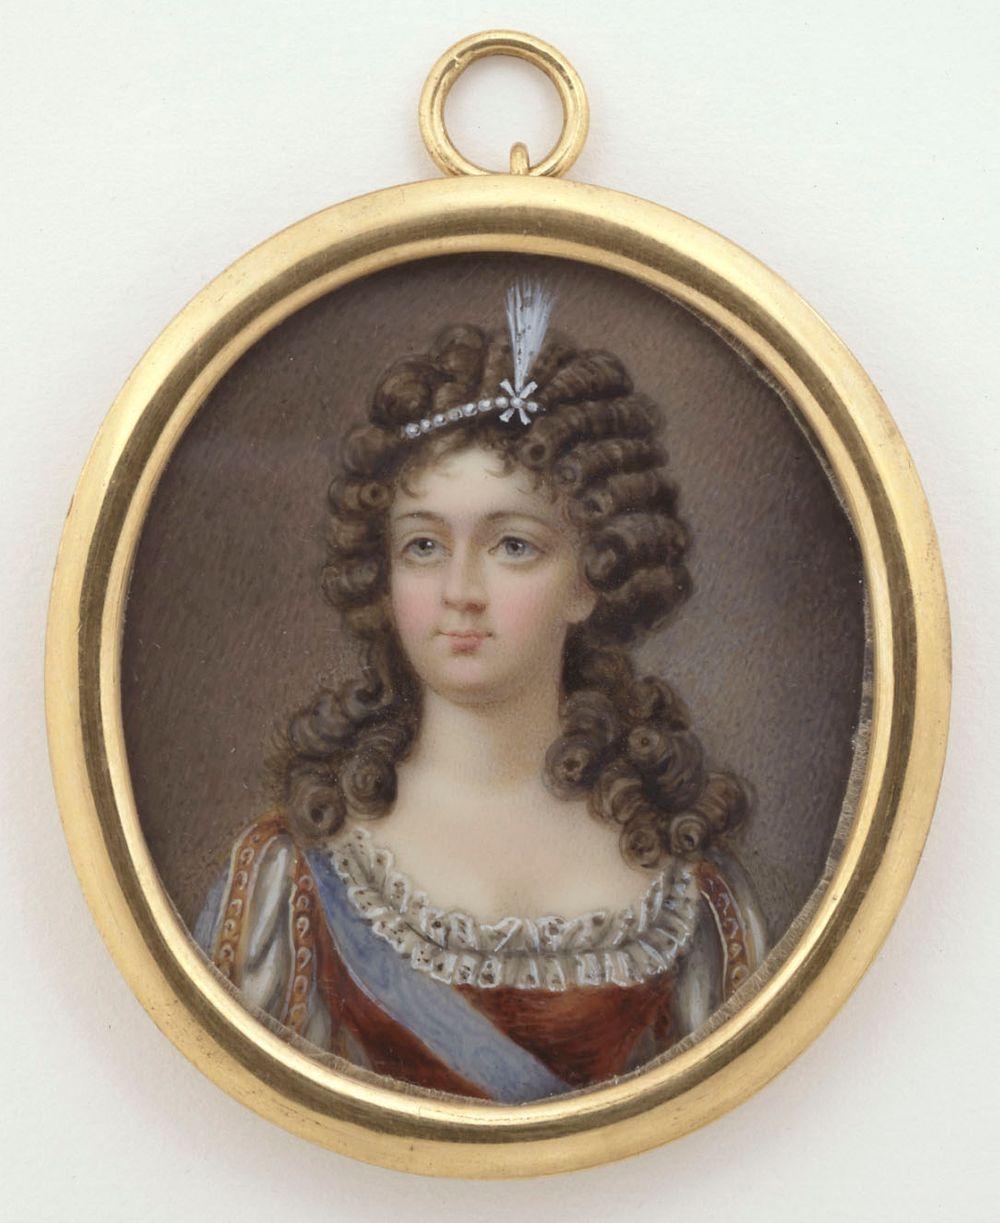 Kuningatar Fredrika Dorothea